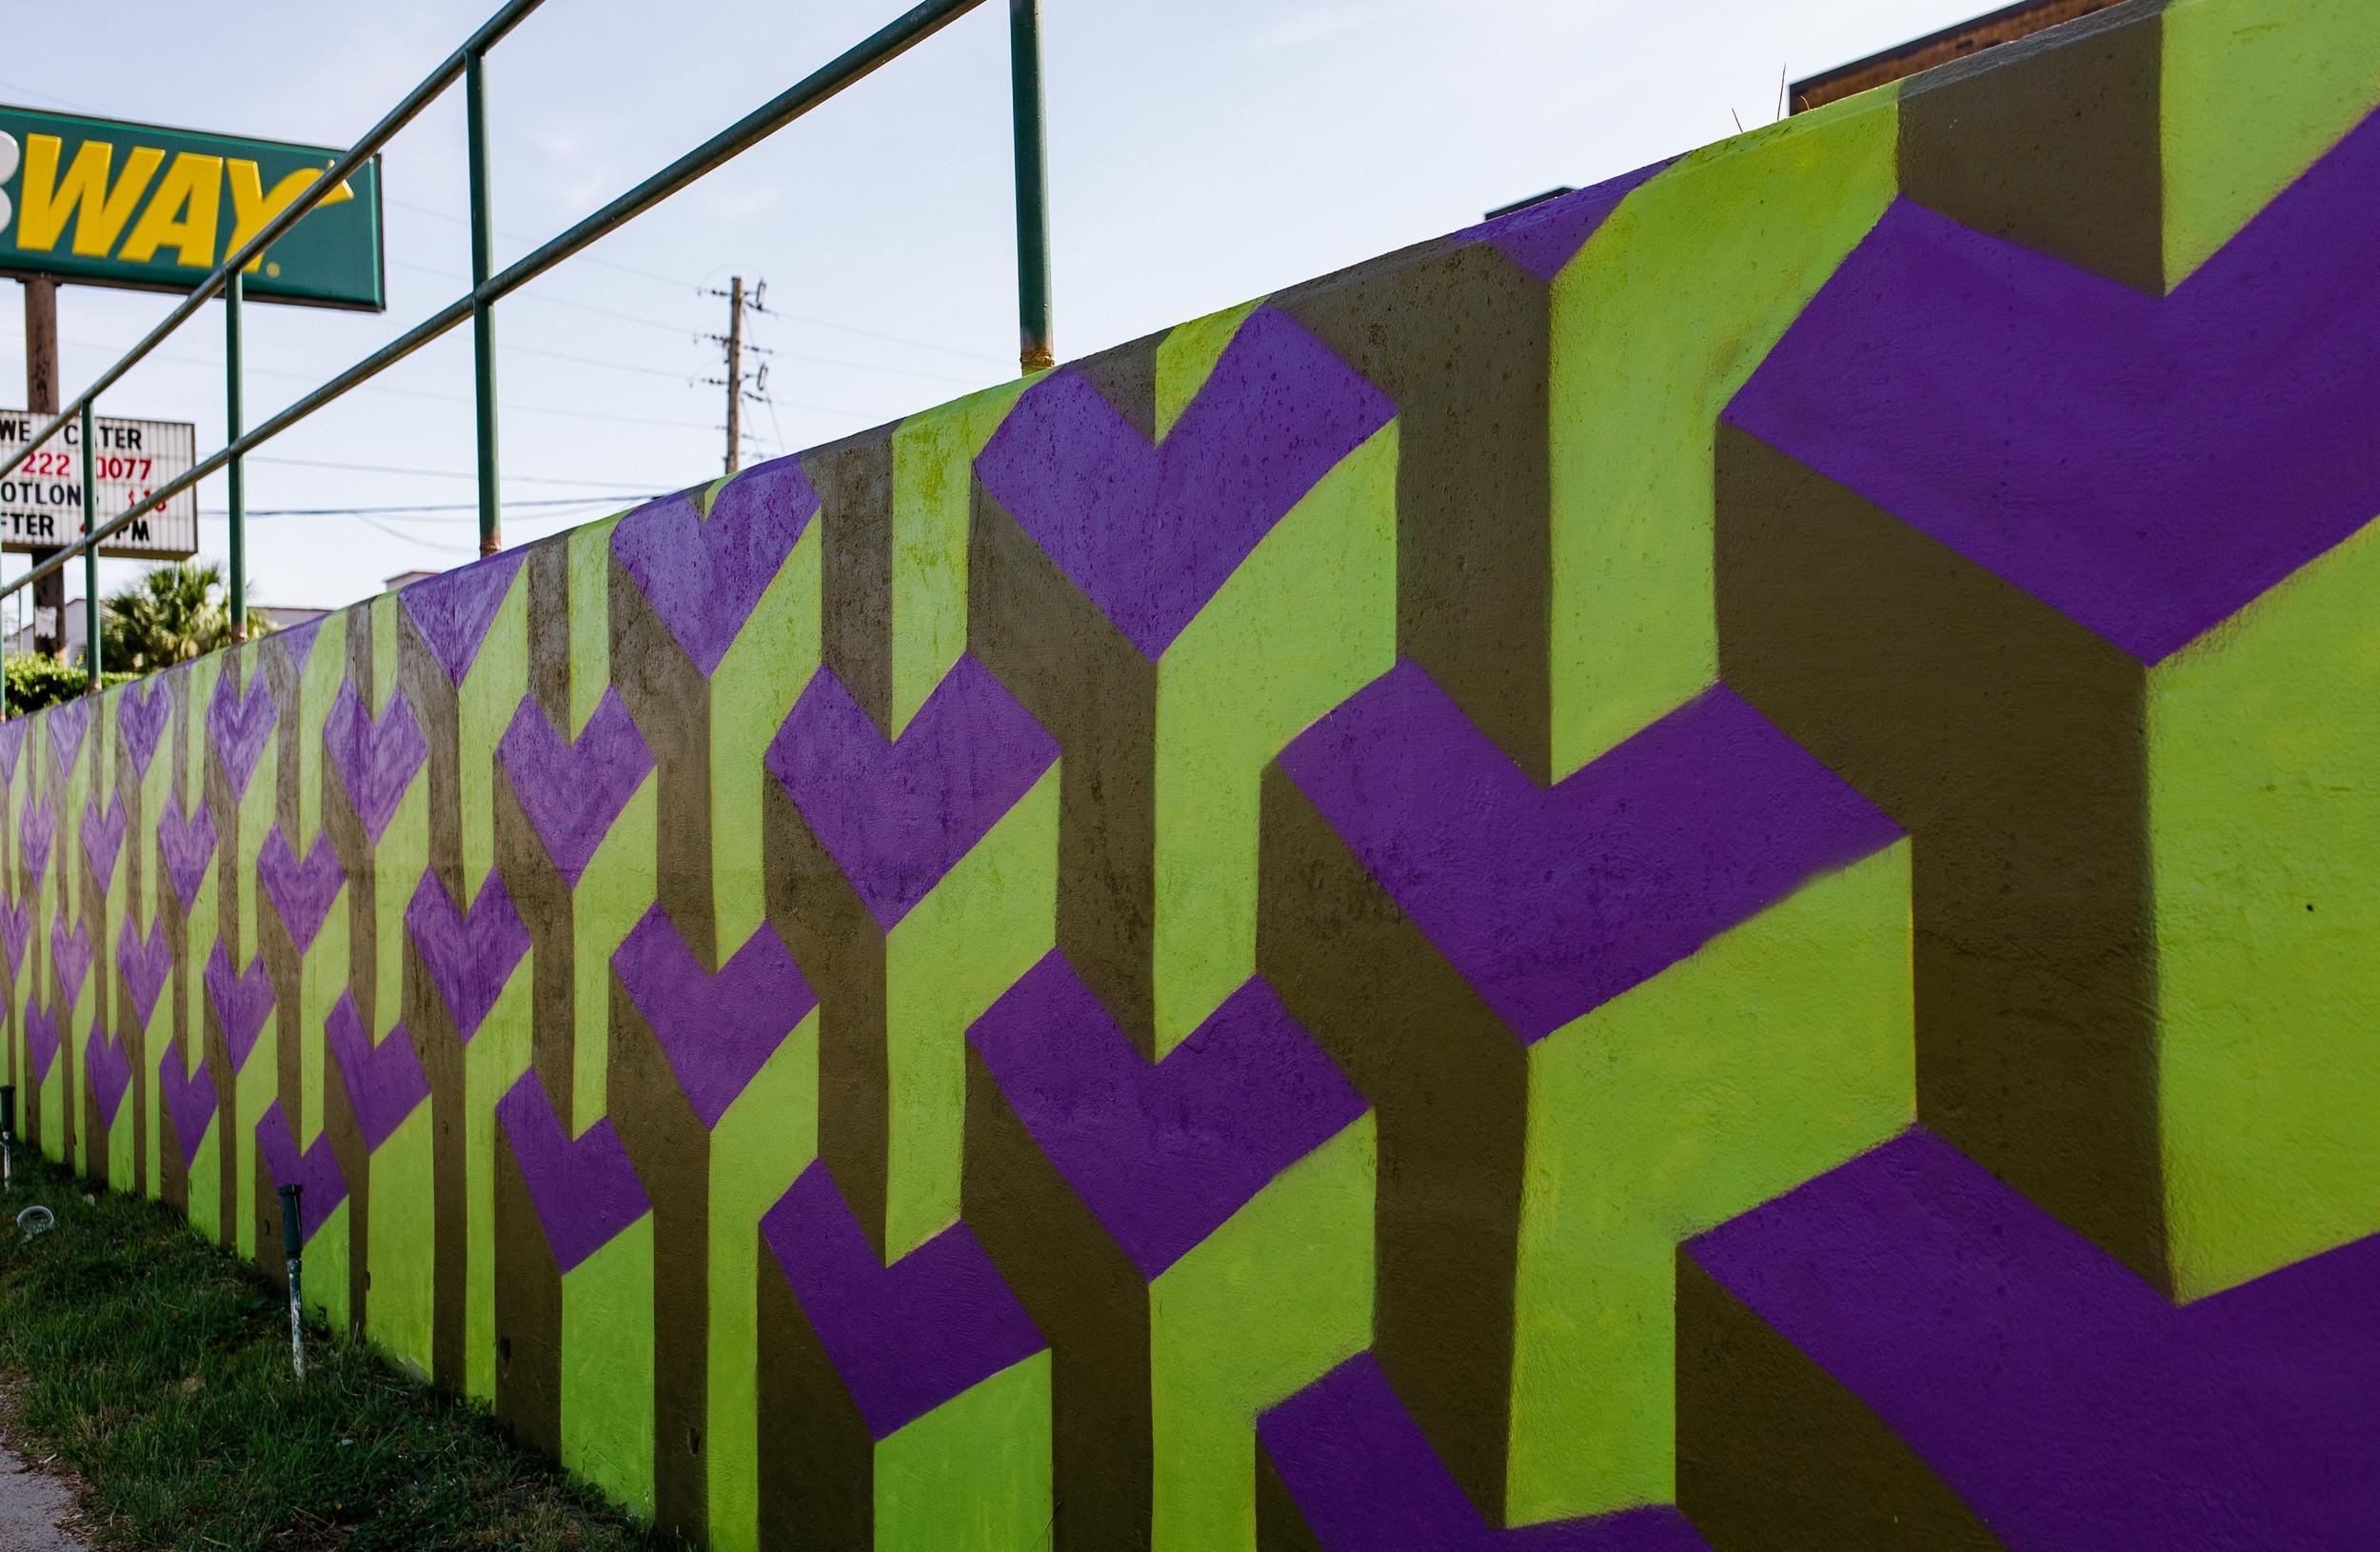 tallahassee-somo-murals-8413.jpg